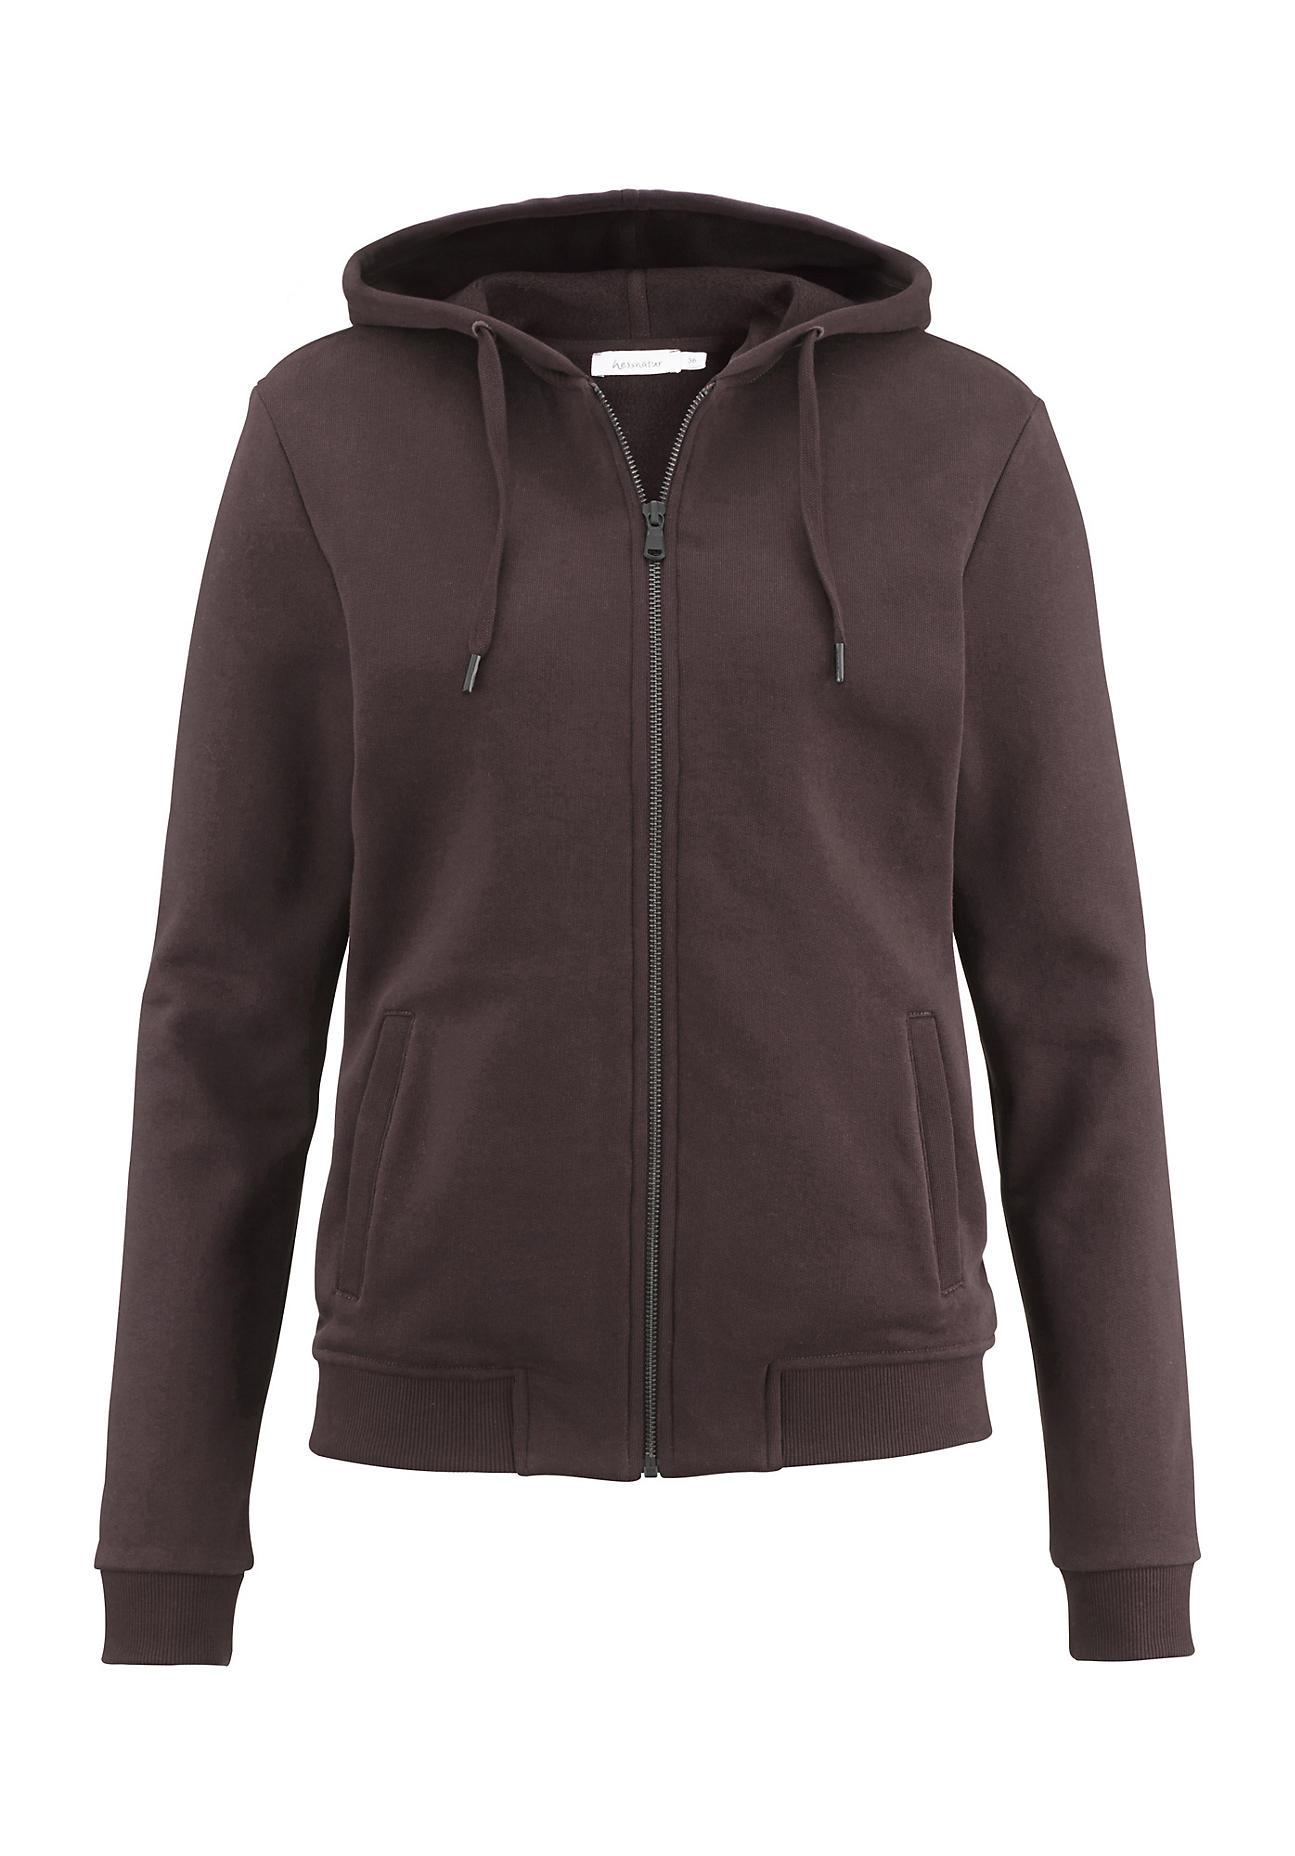 Image of hessnatur Loungewear Sweatjacke aus Bio-Baumwolle – rot – Größe 42